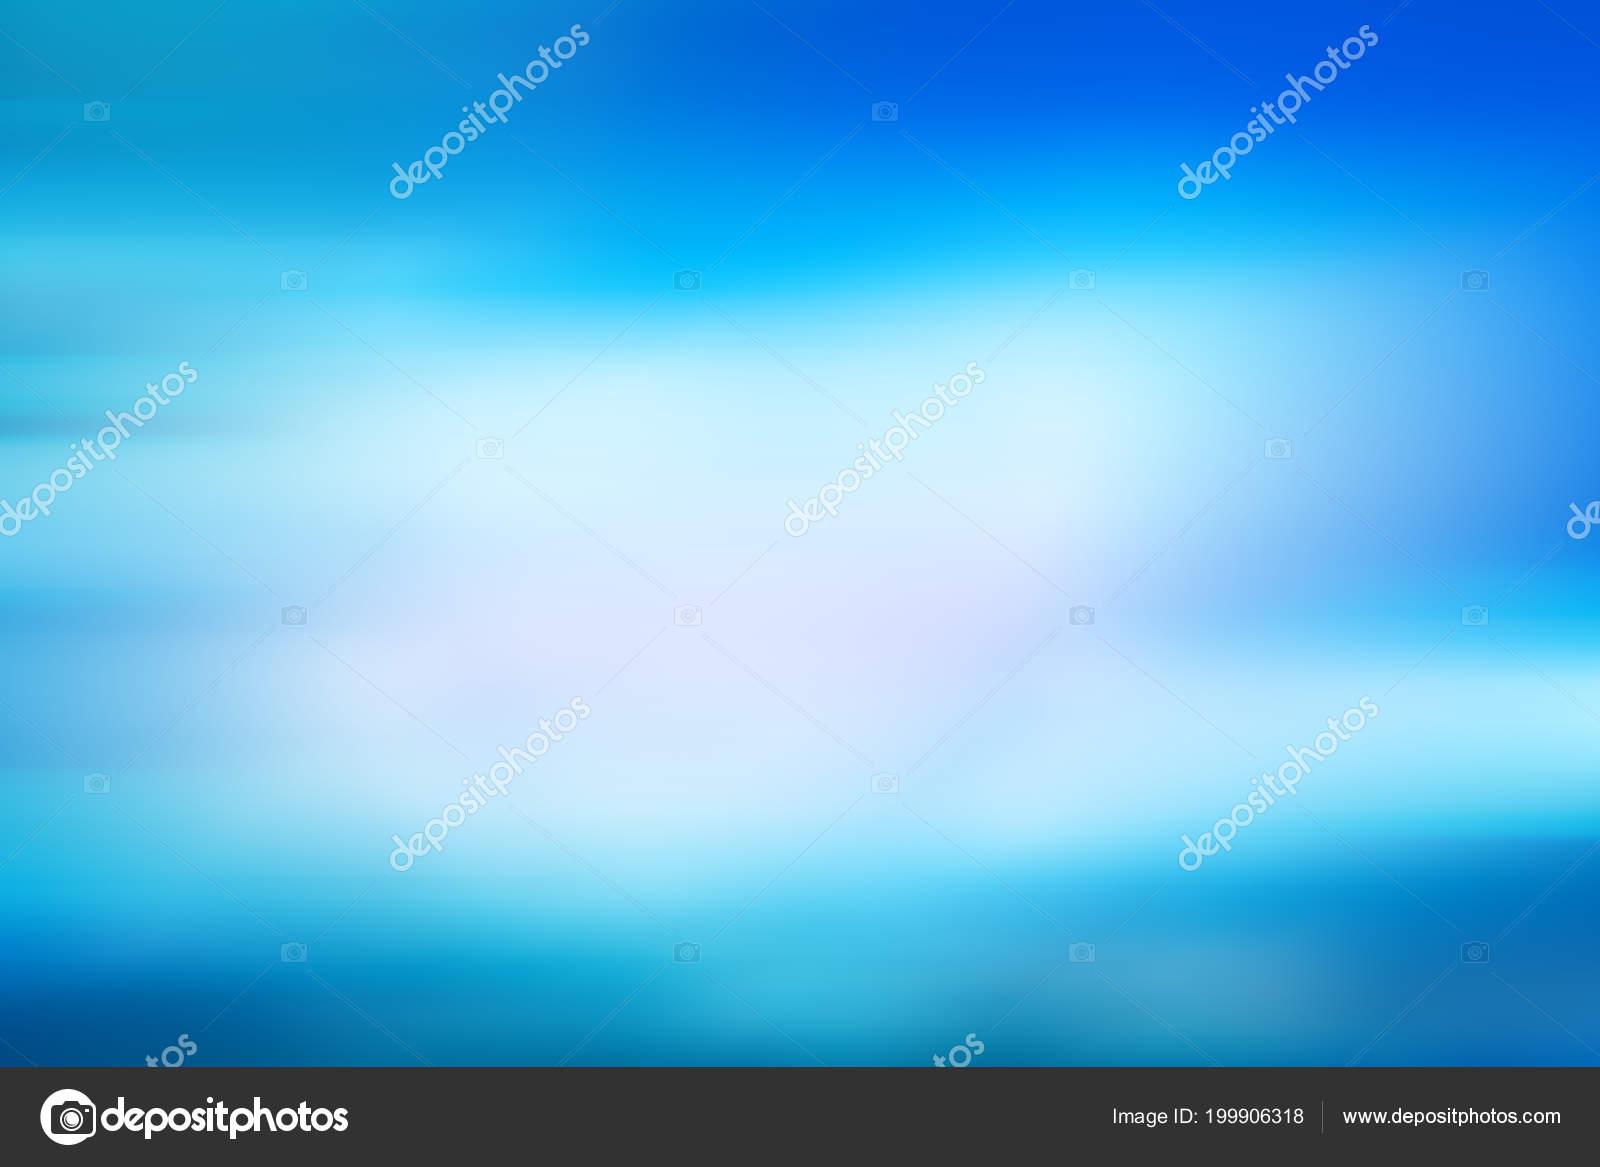 Fond Degrade Bleu Clair Fond Ecran Bleu Effet Degrade Radial Photographie Ooddysmile C 199906318